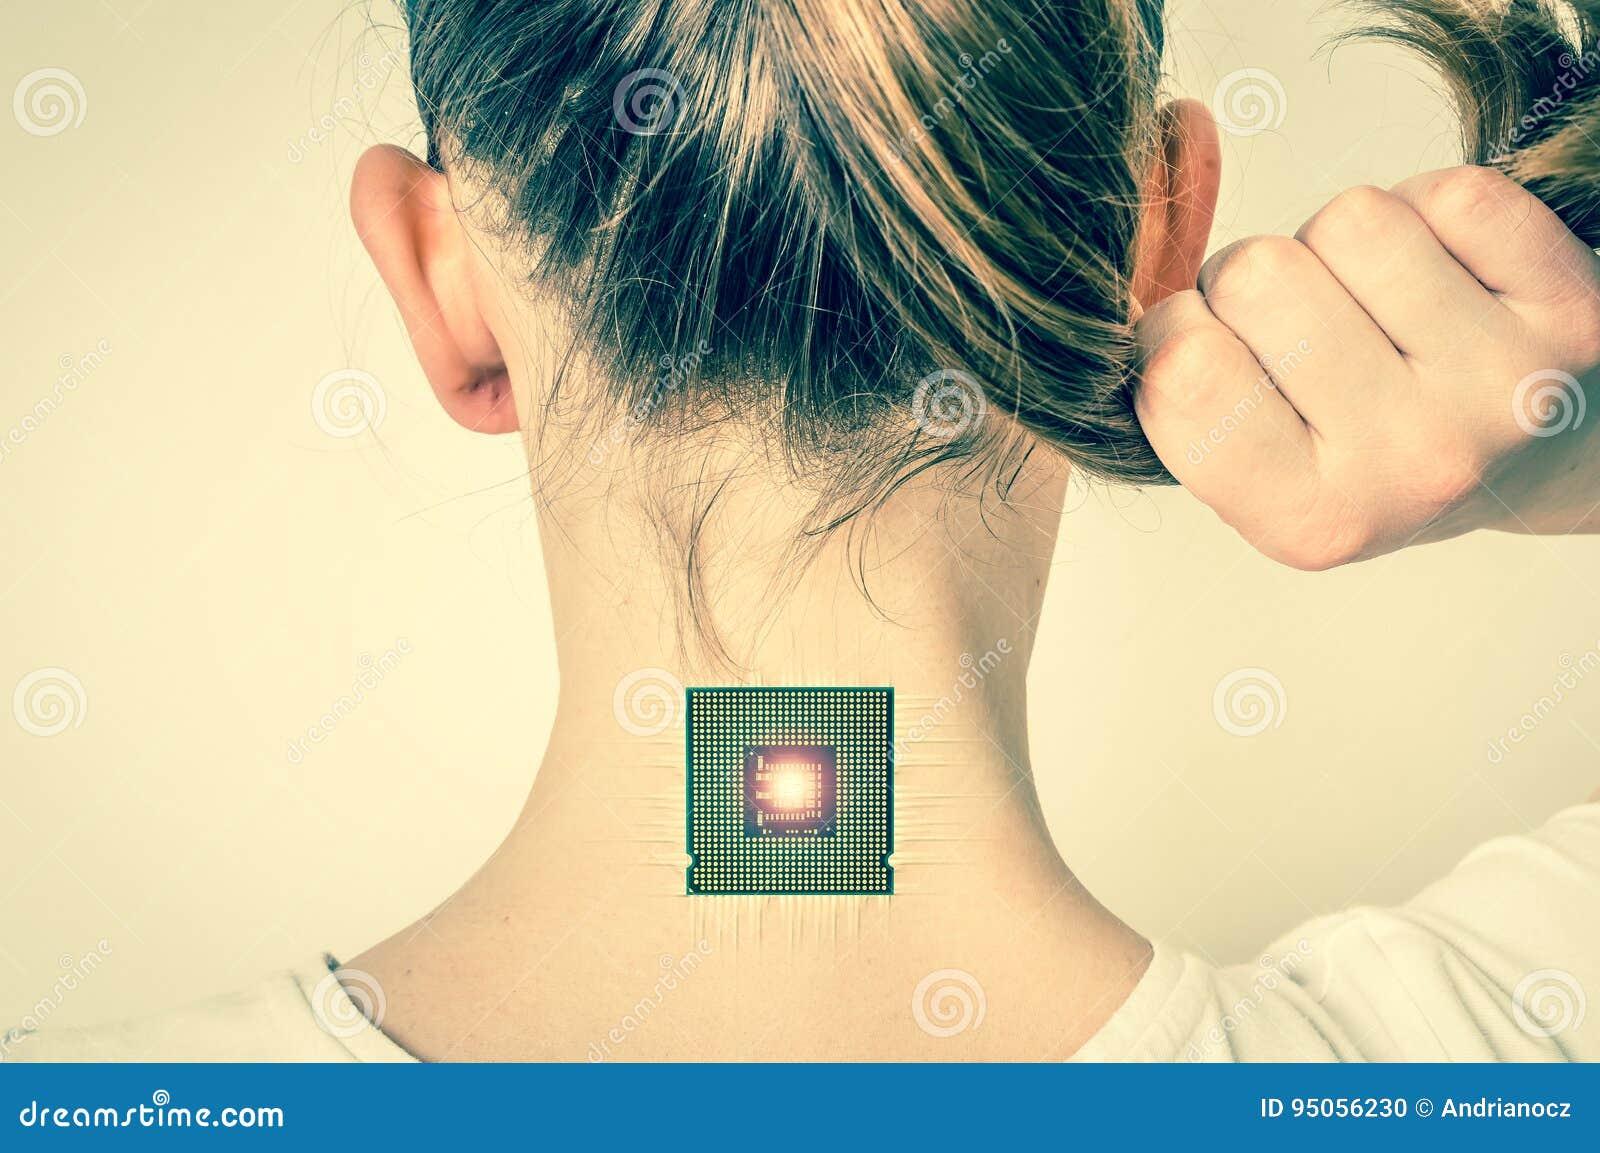 Microchip Biónico Dentro Del Cuerpo Humano - Estilo Retro Foto de ...